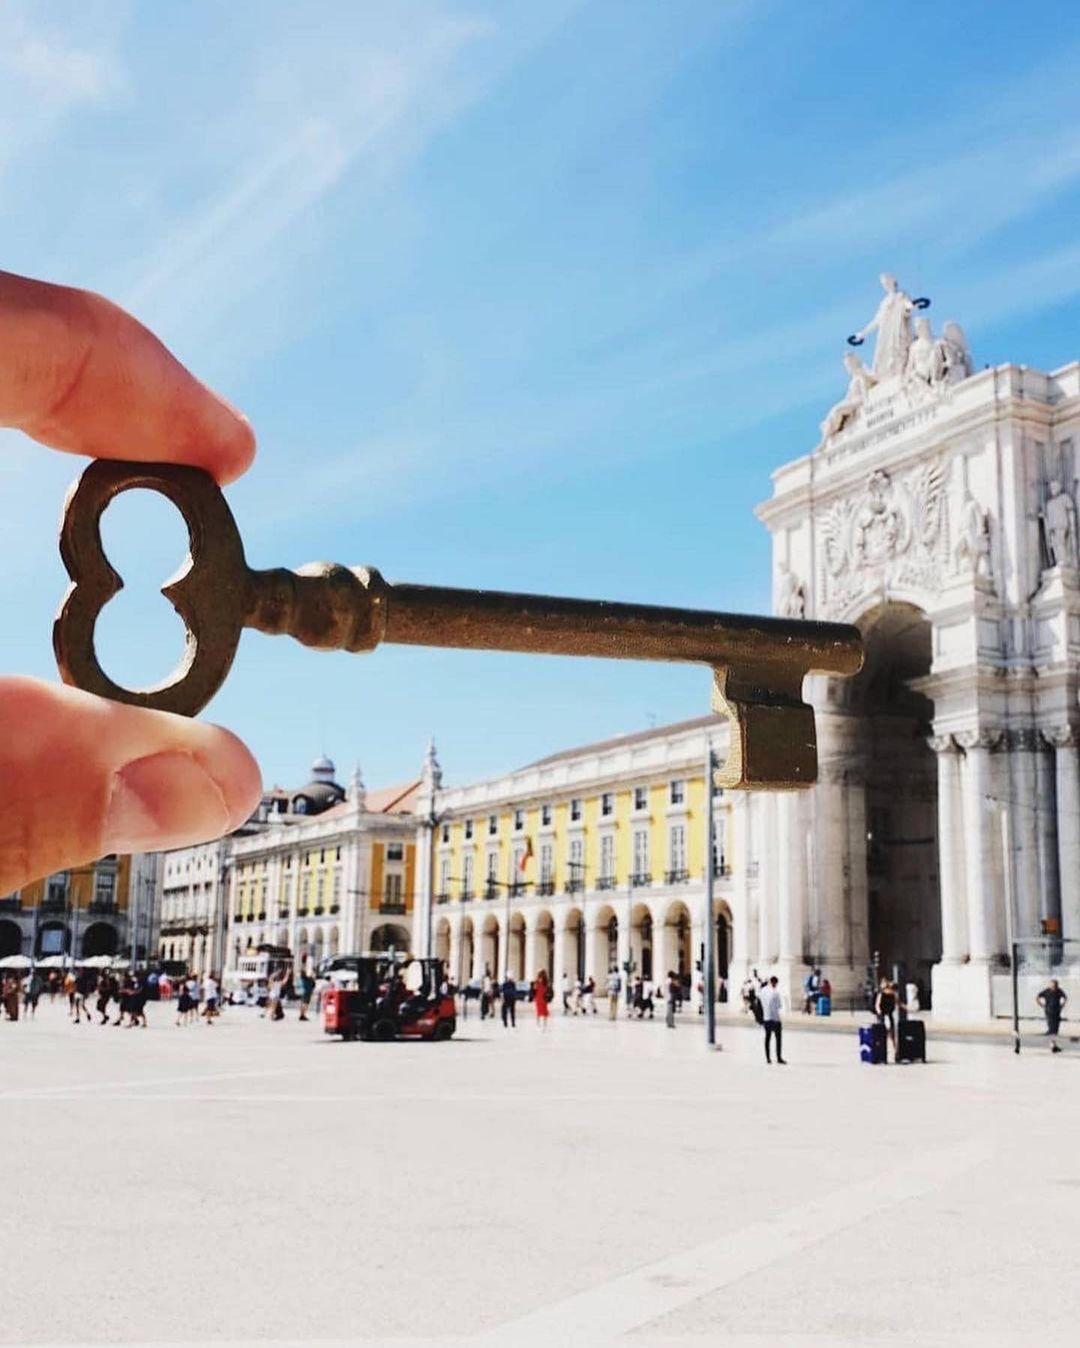 Cũng địa điểm này, Hugo tạo hiệu ứng thị giác biến nó thành ổ khoá khi chụp cùng một chiếc chìa khoá cổ. Trước đây, vào thế kỷ 18, các thuyền trưởng và thương nhân sẽ lên kế hoạch tại đây cho những chuyến đi biển đầy hiểm nguy đến Brazil, Ấn Độ, Đông Nam Á và sau đó trao đổi hàng hoá sau khi trở về. Bởi điều này, Praca do Comercio được xây dựng như một cổng chào biểu tượng vào Lisbon.